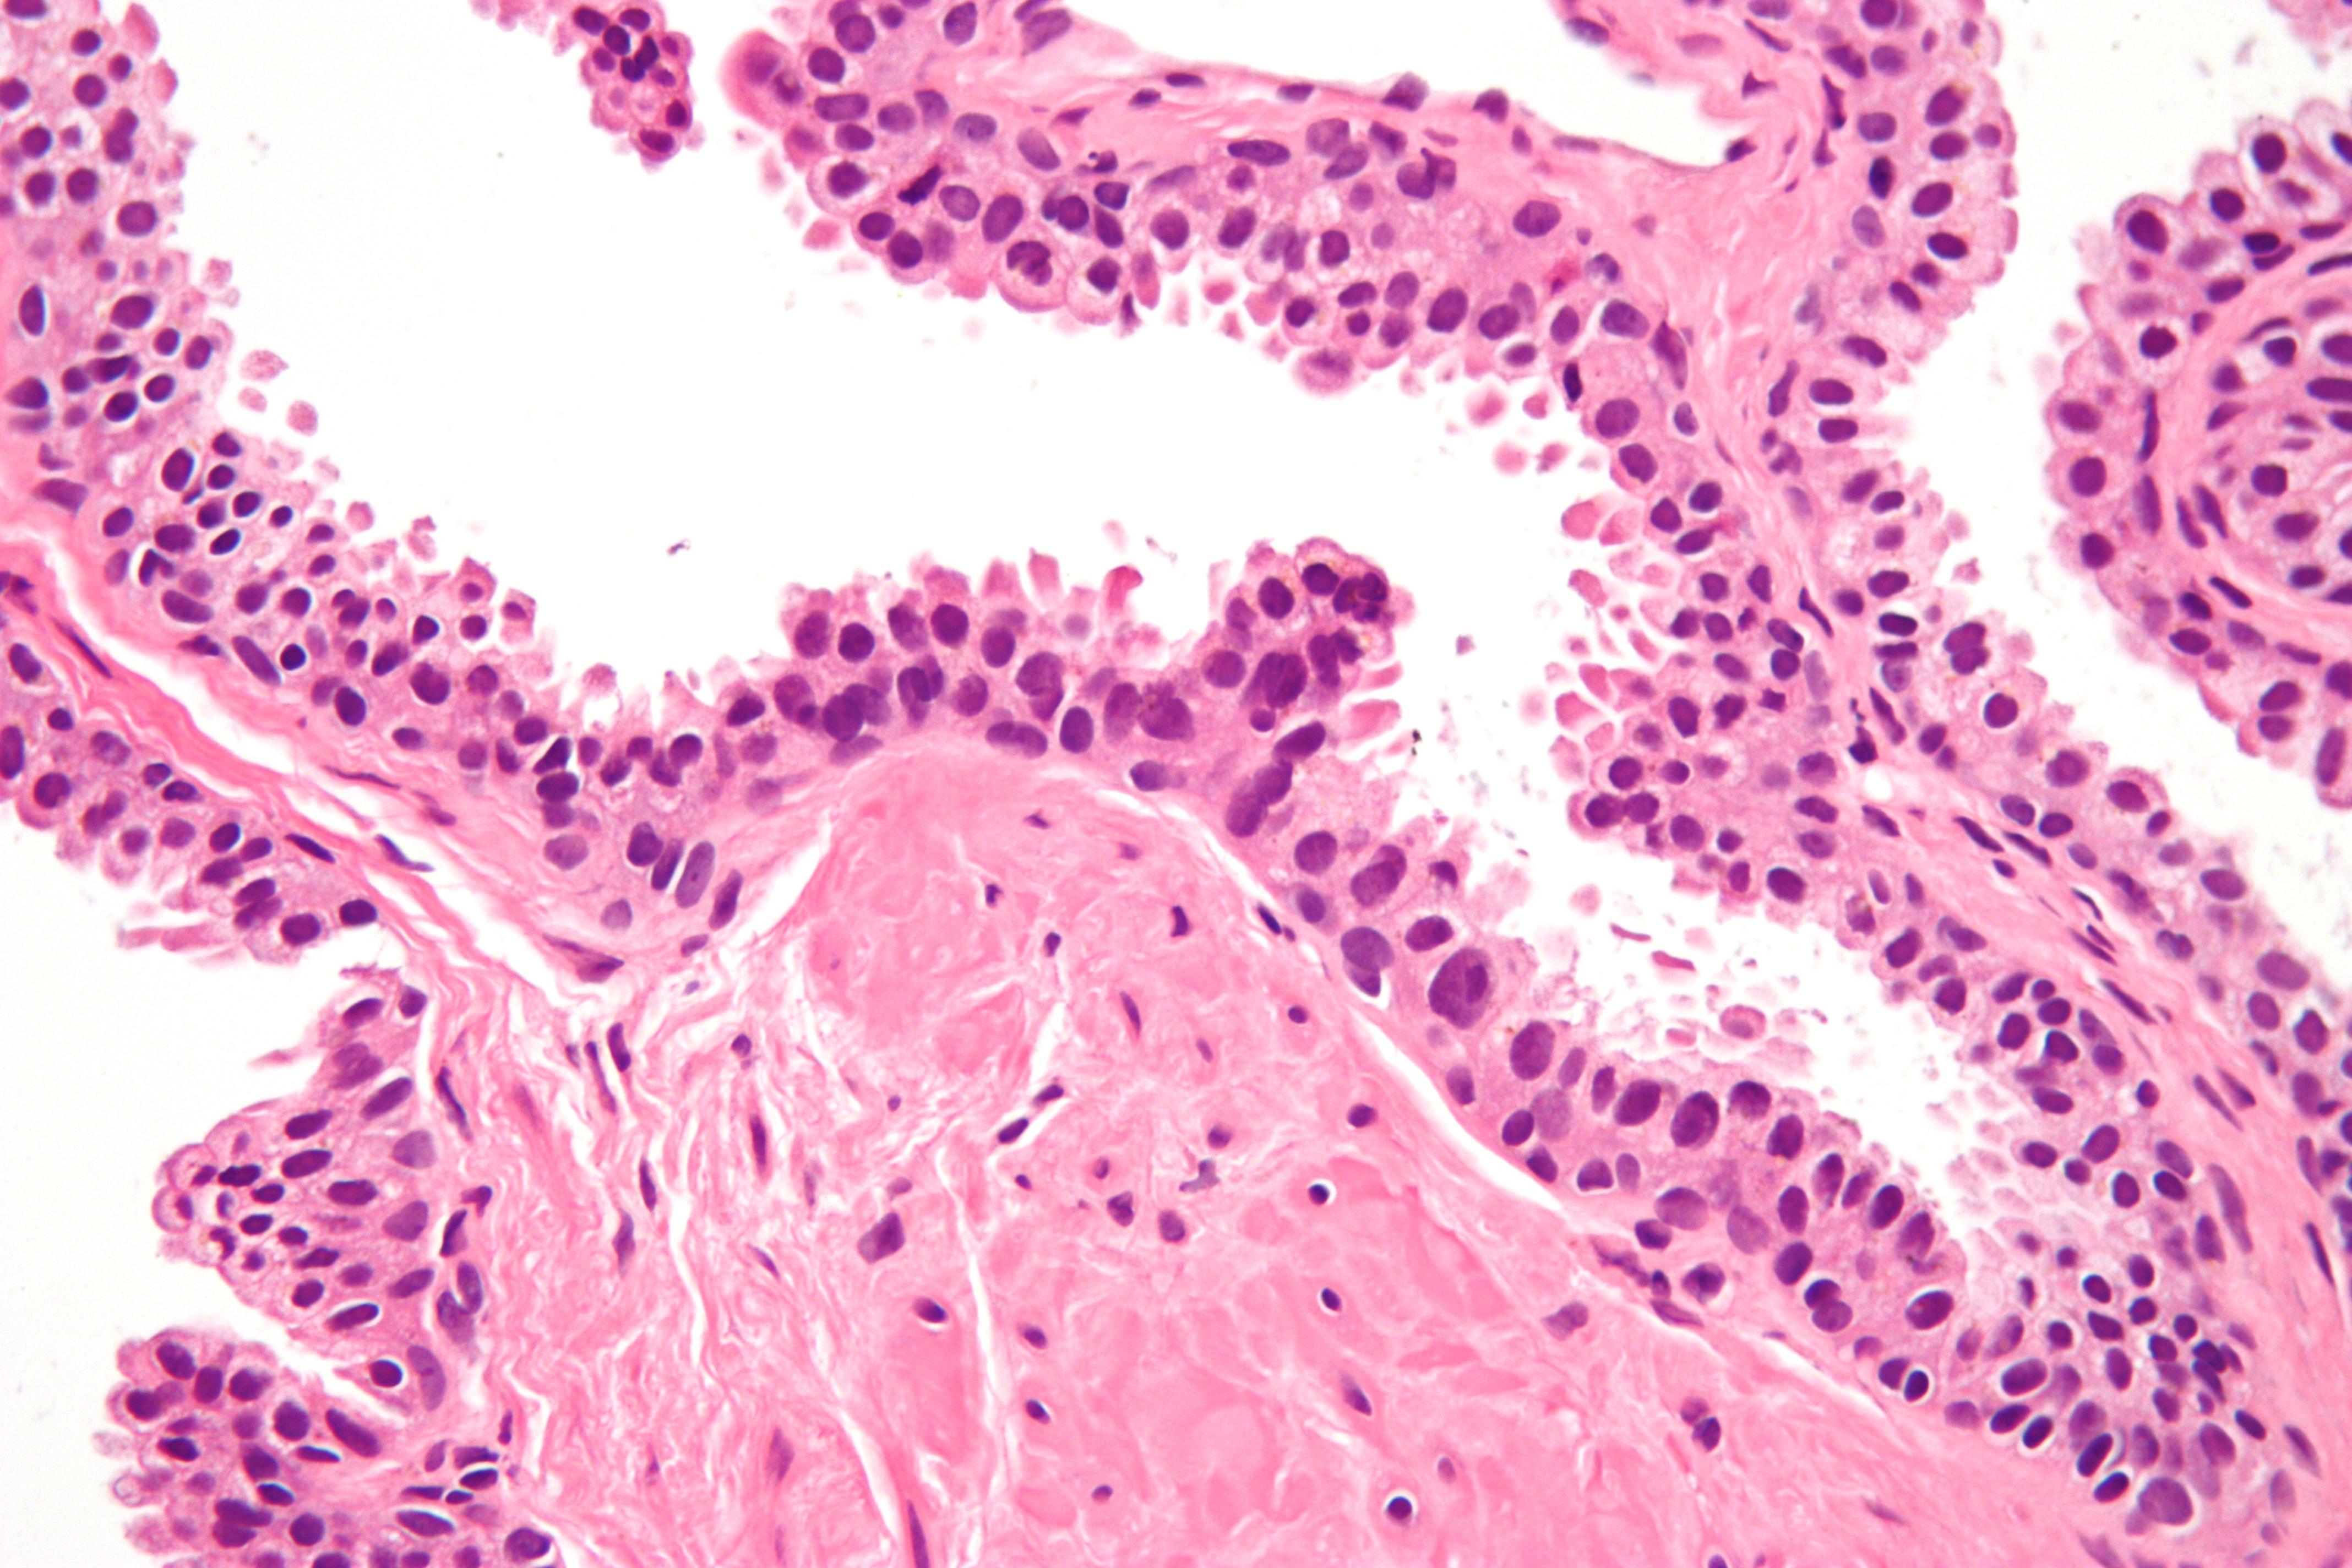 Papillary lesion icd 9 code Vestibular papillomatosis stinging